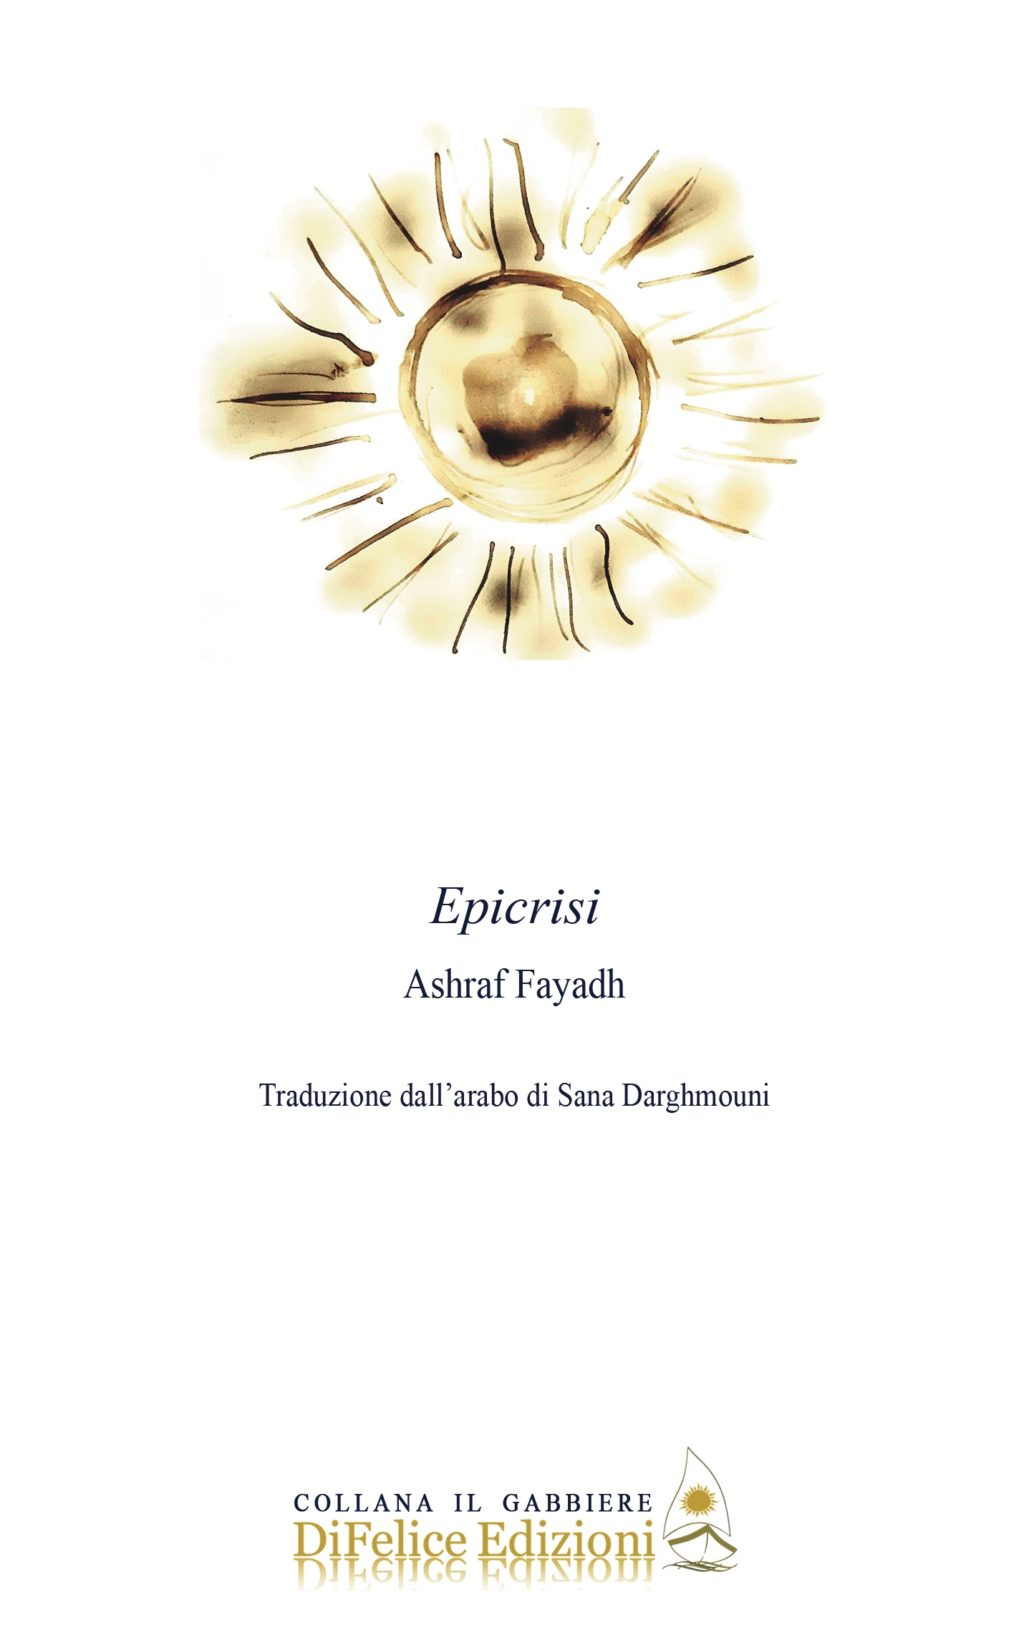 """""""Epicrisi""""di Ashraf Fayadh: pubblicato dalla Di Felice Edizioni"""